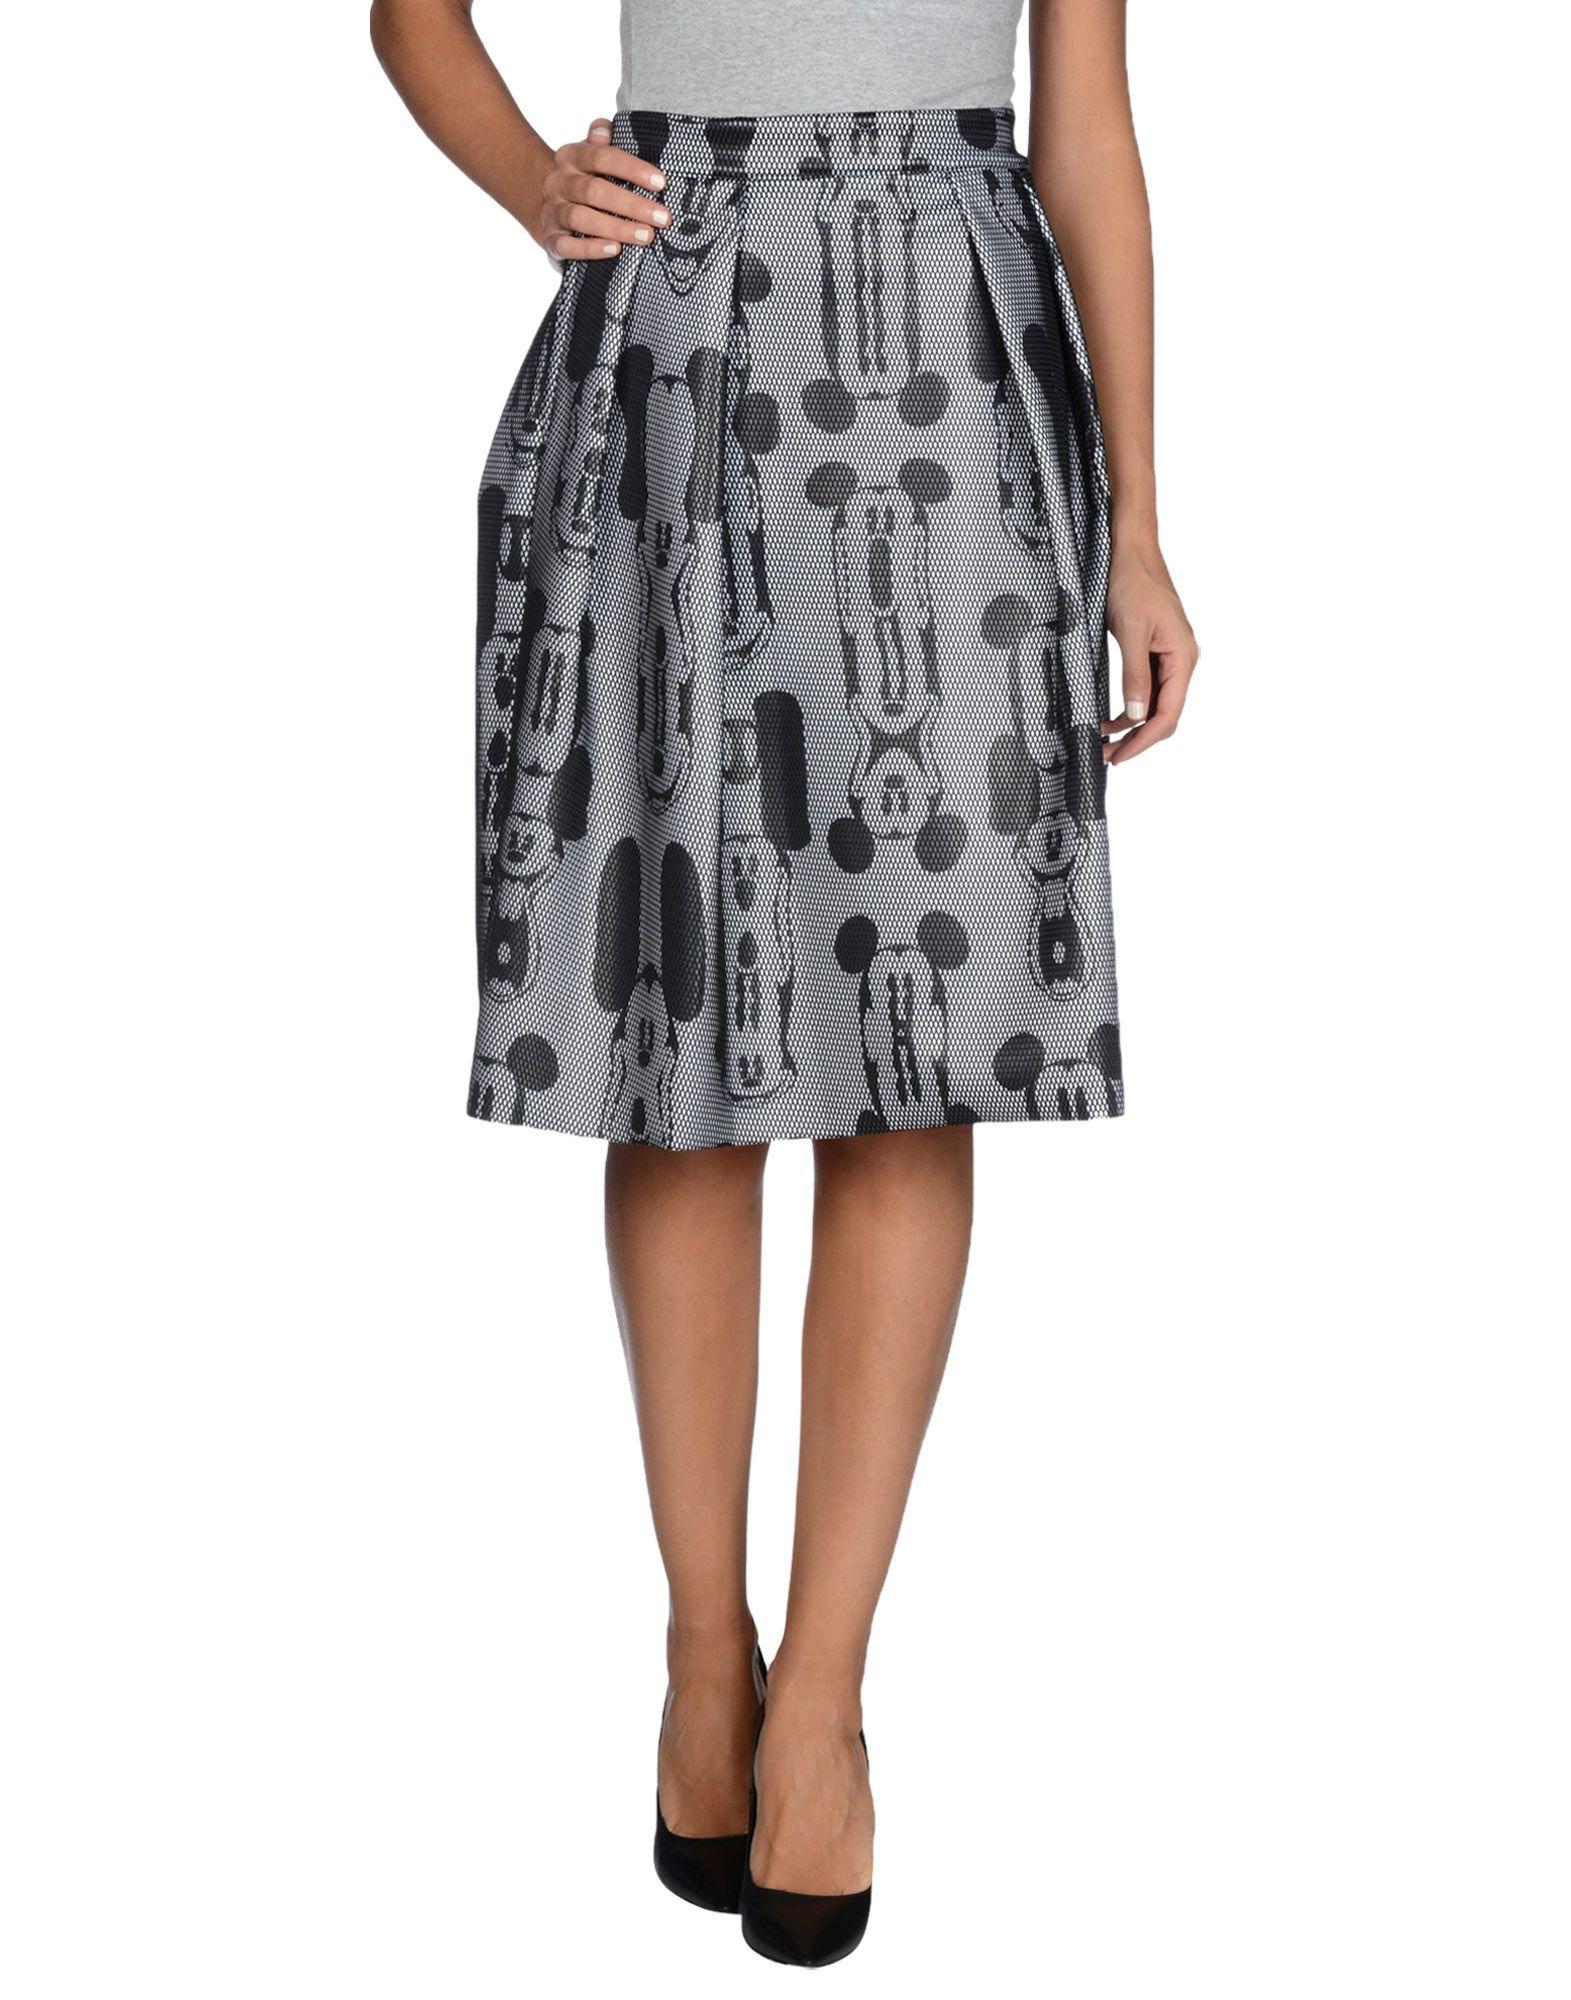 Wood Skirt 108